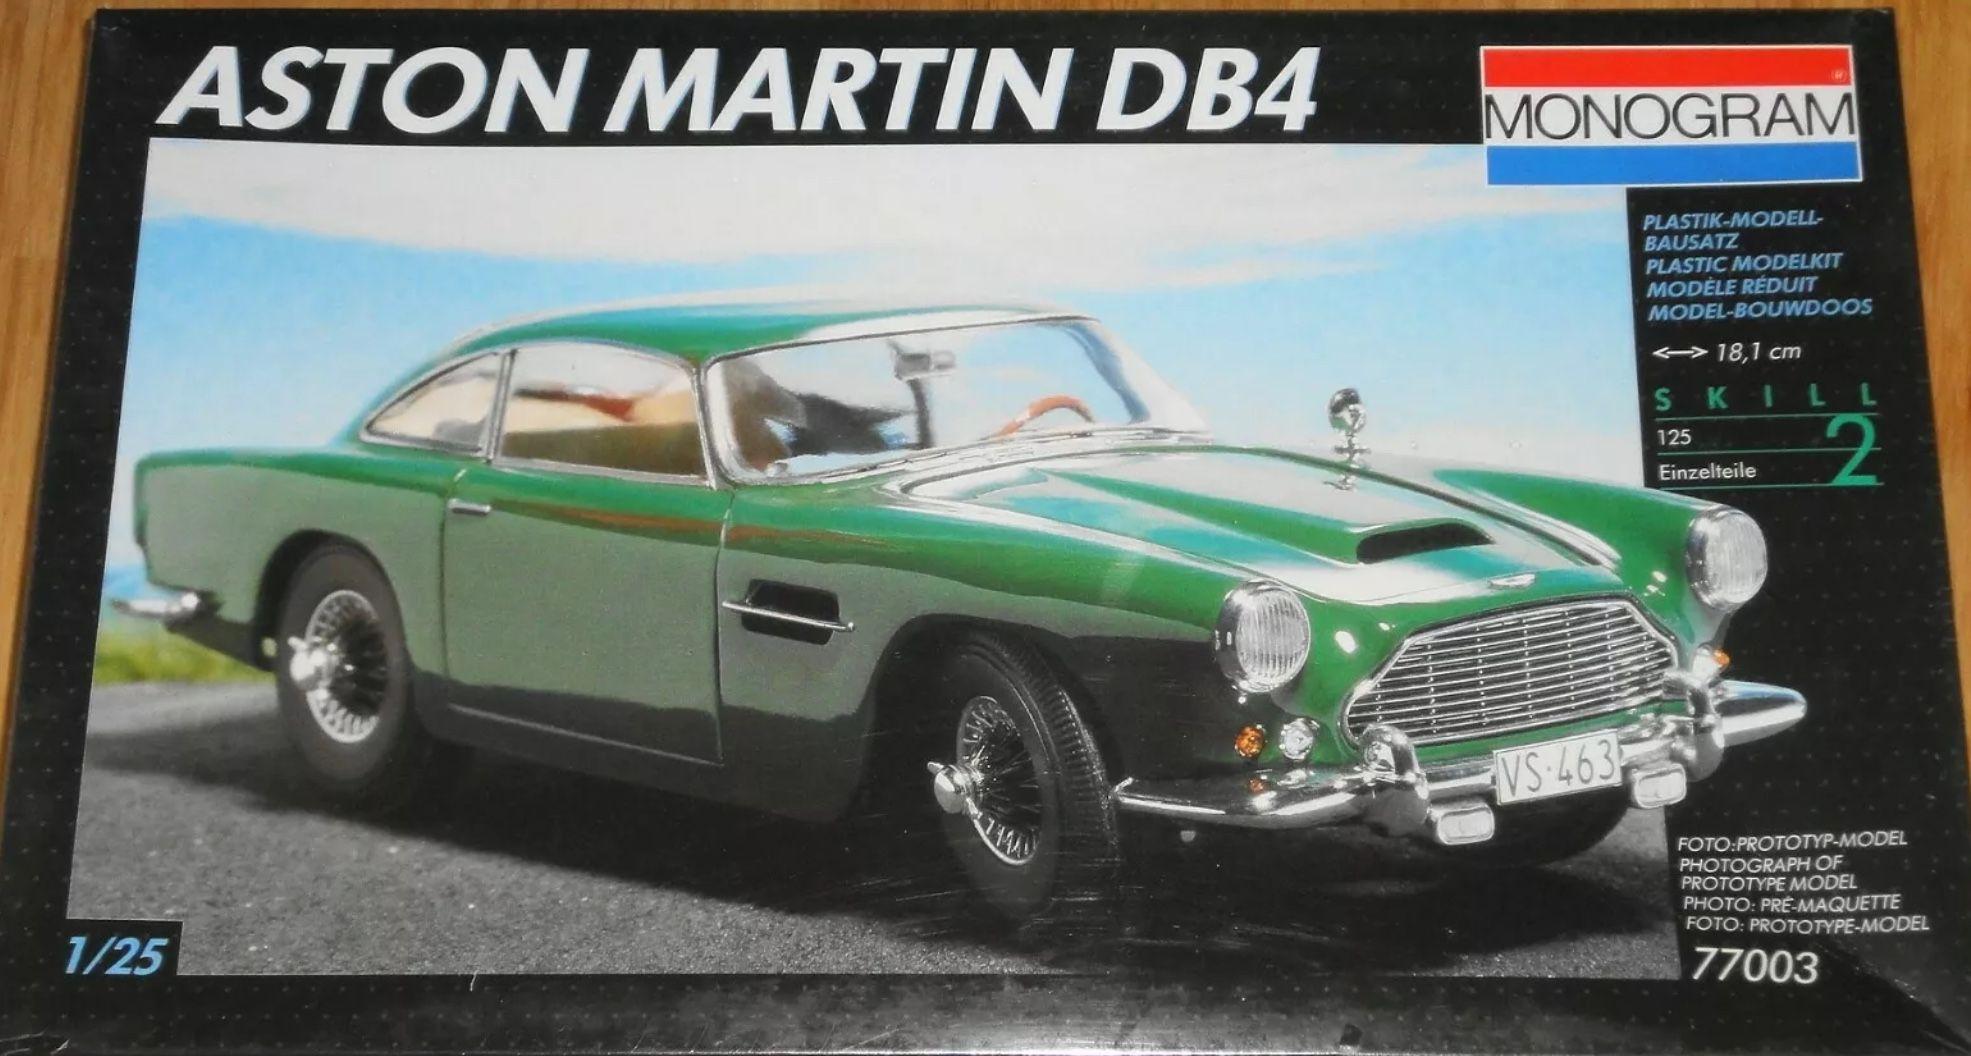 Pin By Tim On Model Kit Boxes Revell Monogram Models Aston Martin Db4 Model Kit